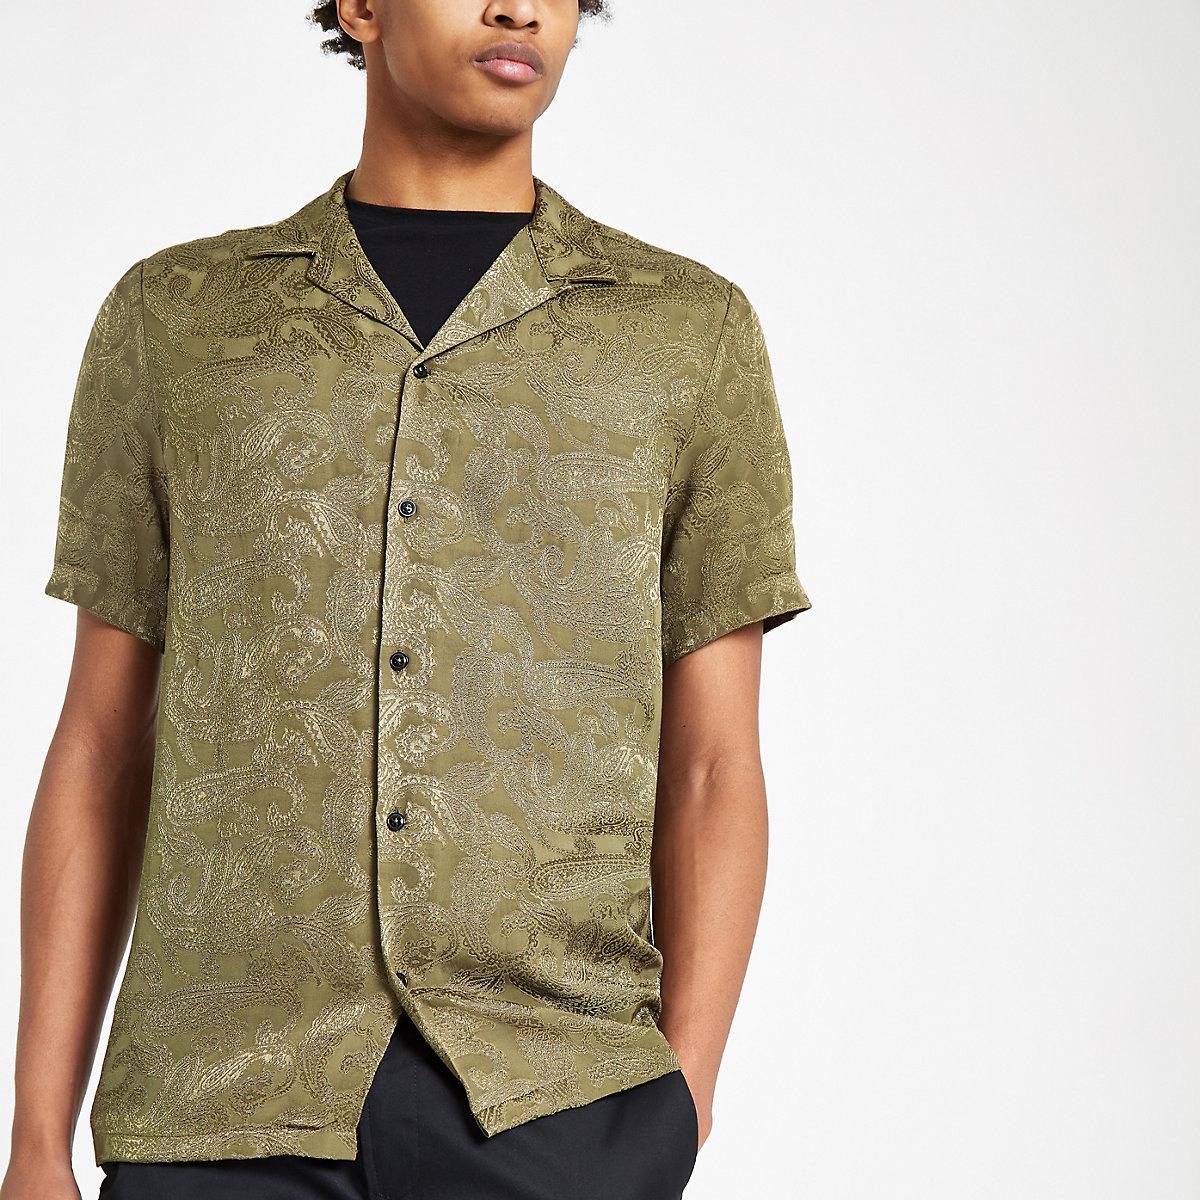 Khaki jacquard revere shirt